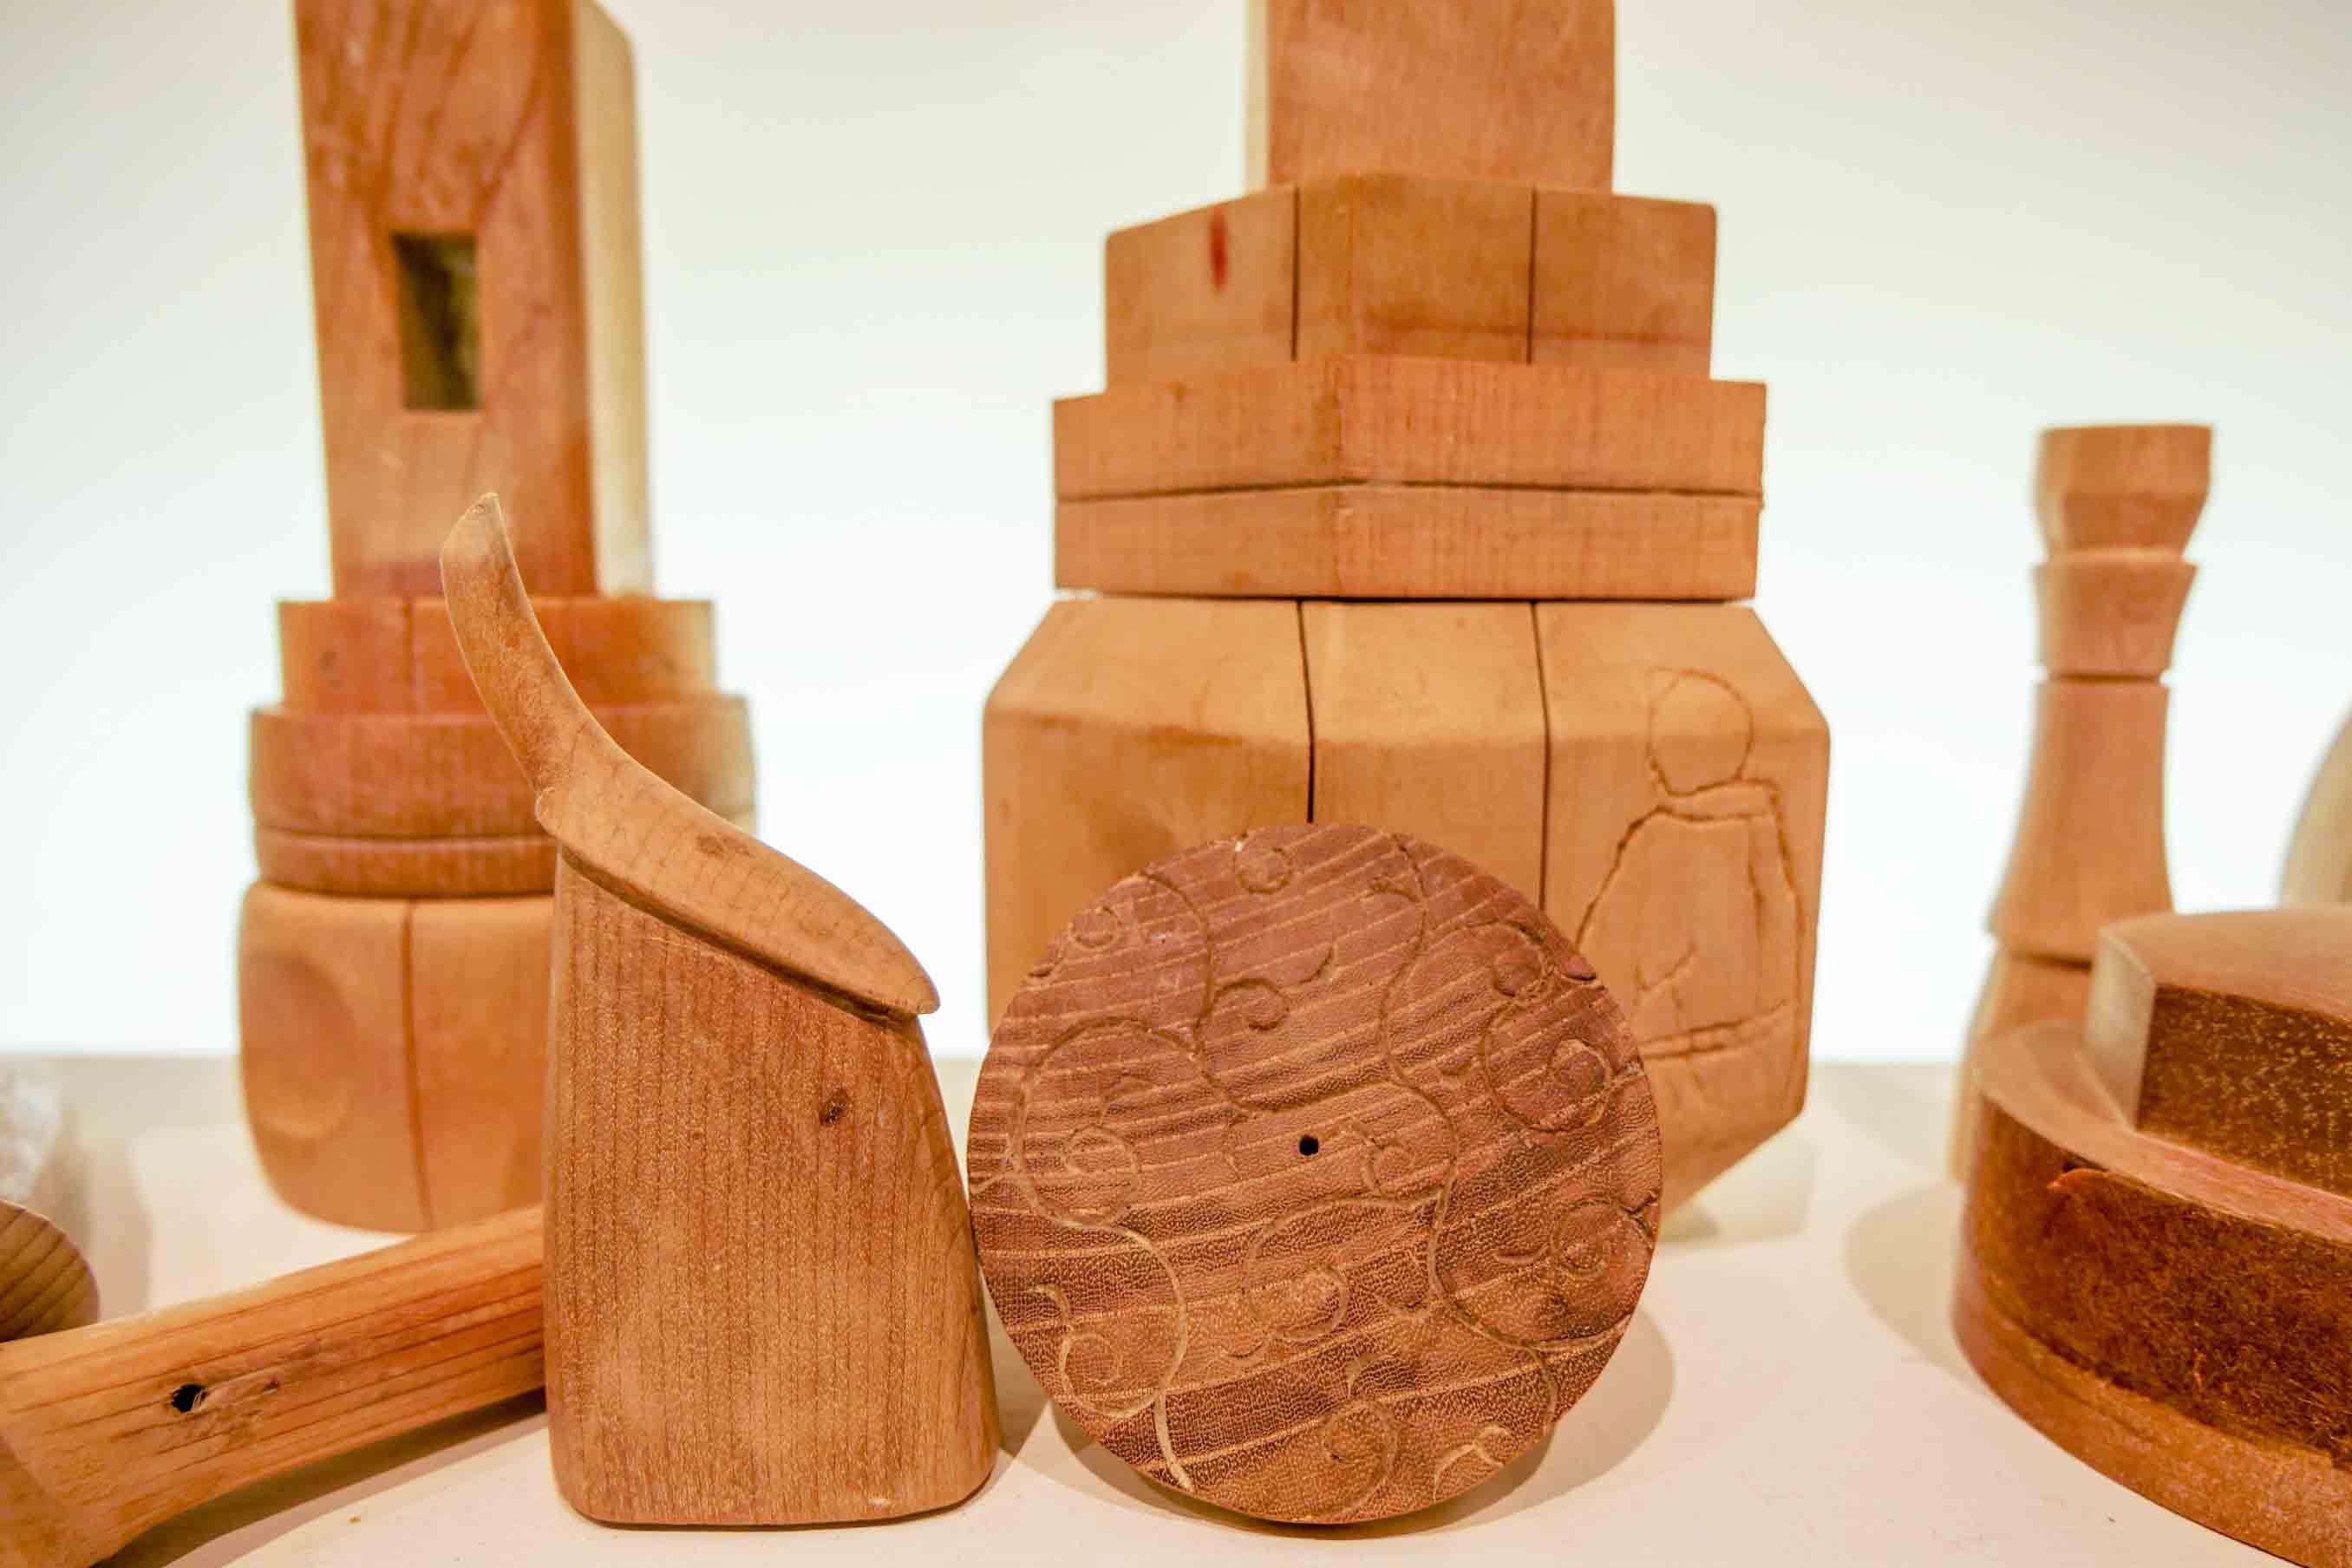 急須の内側に柄ができるものなども。複製はできるが、複雑なため量産には不向きという贅沢な木型